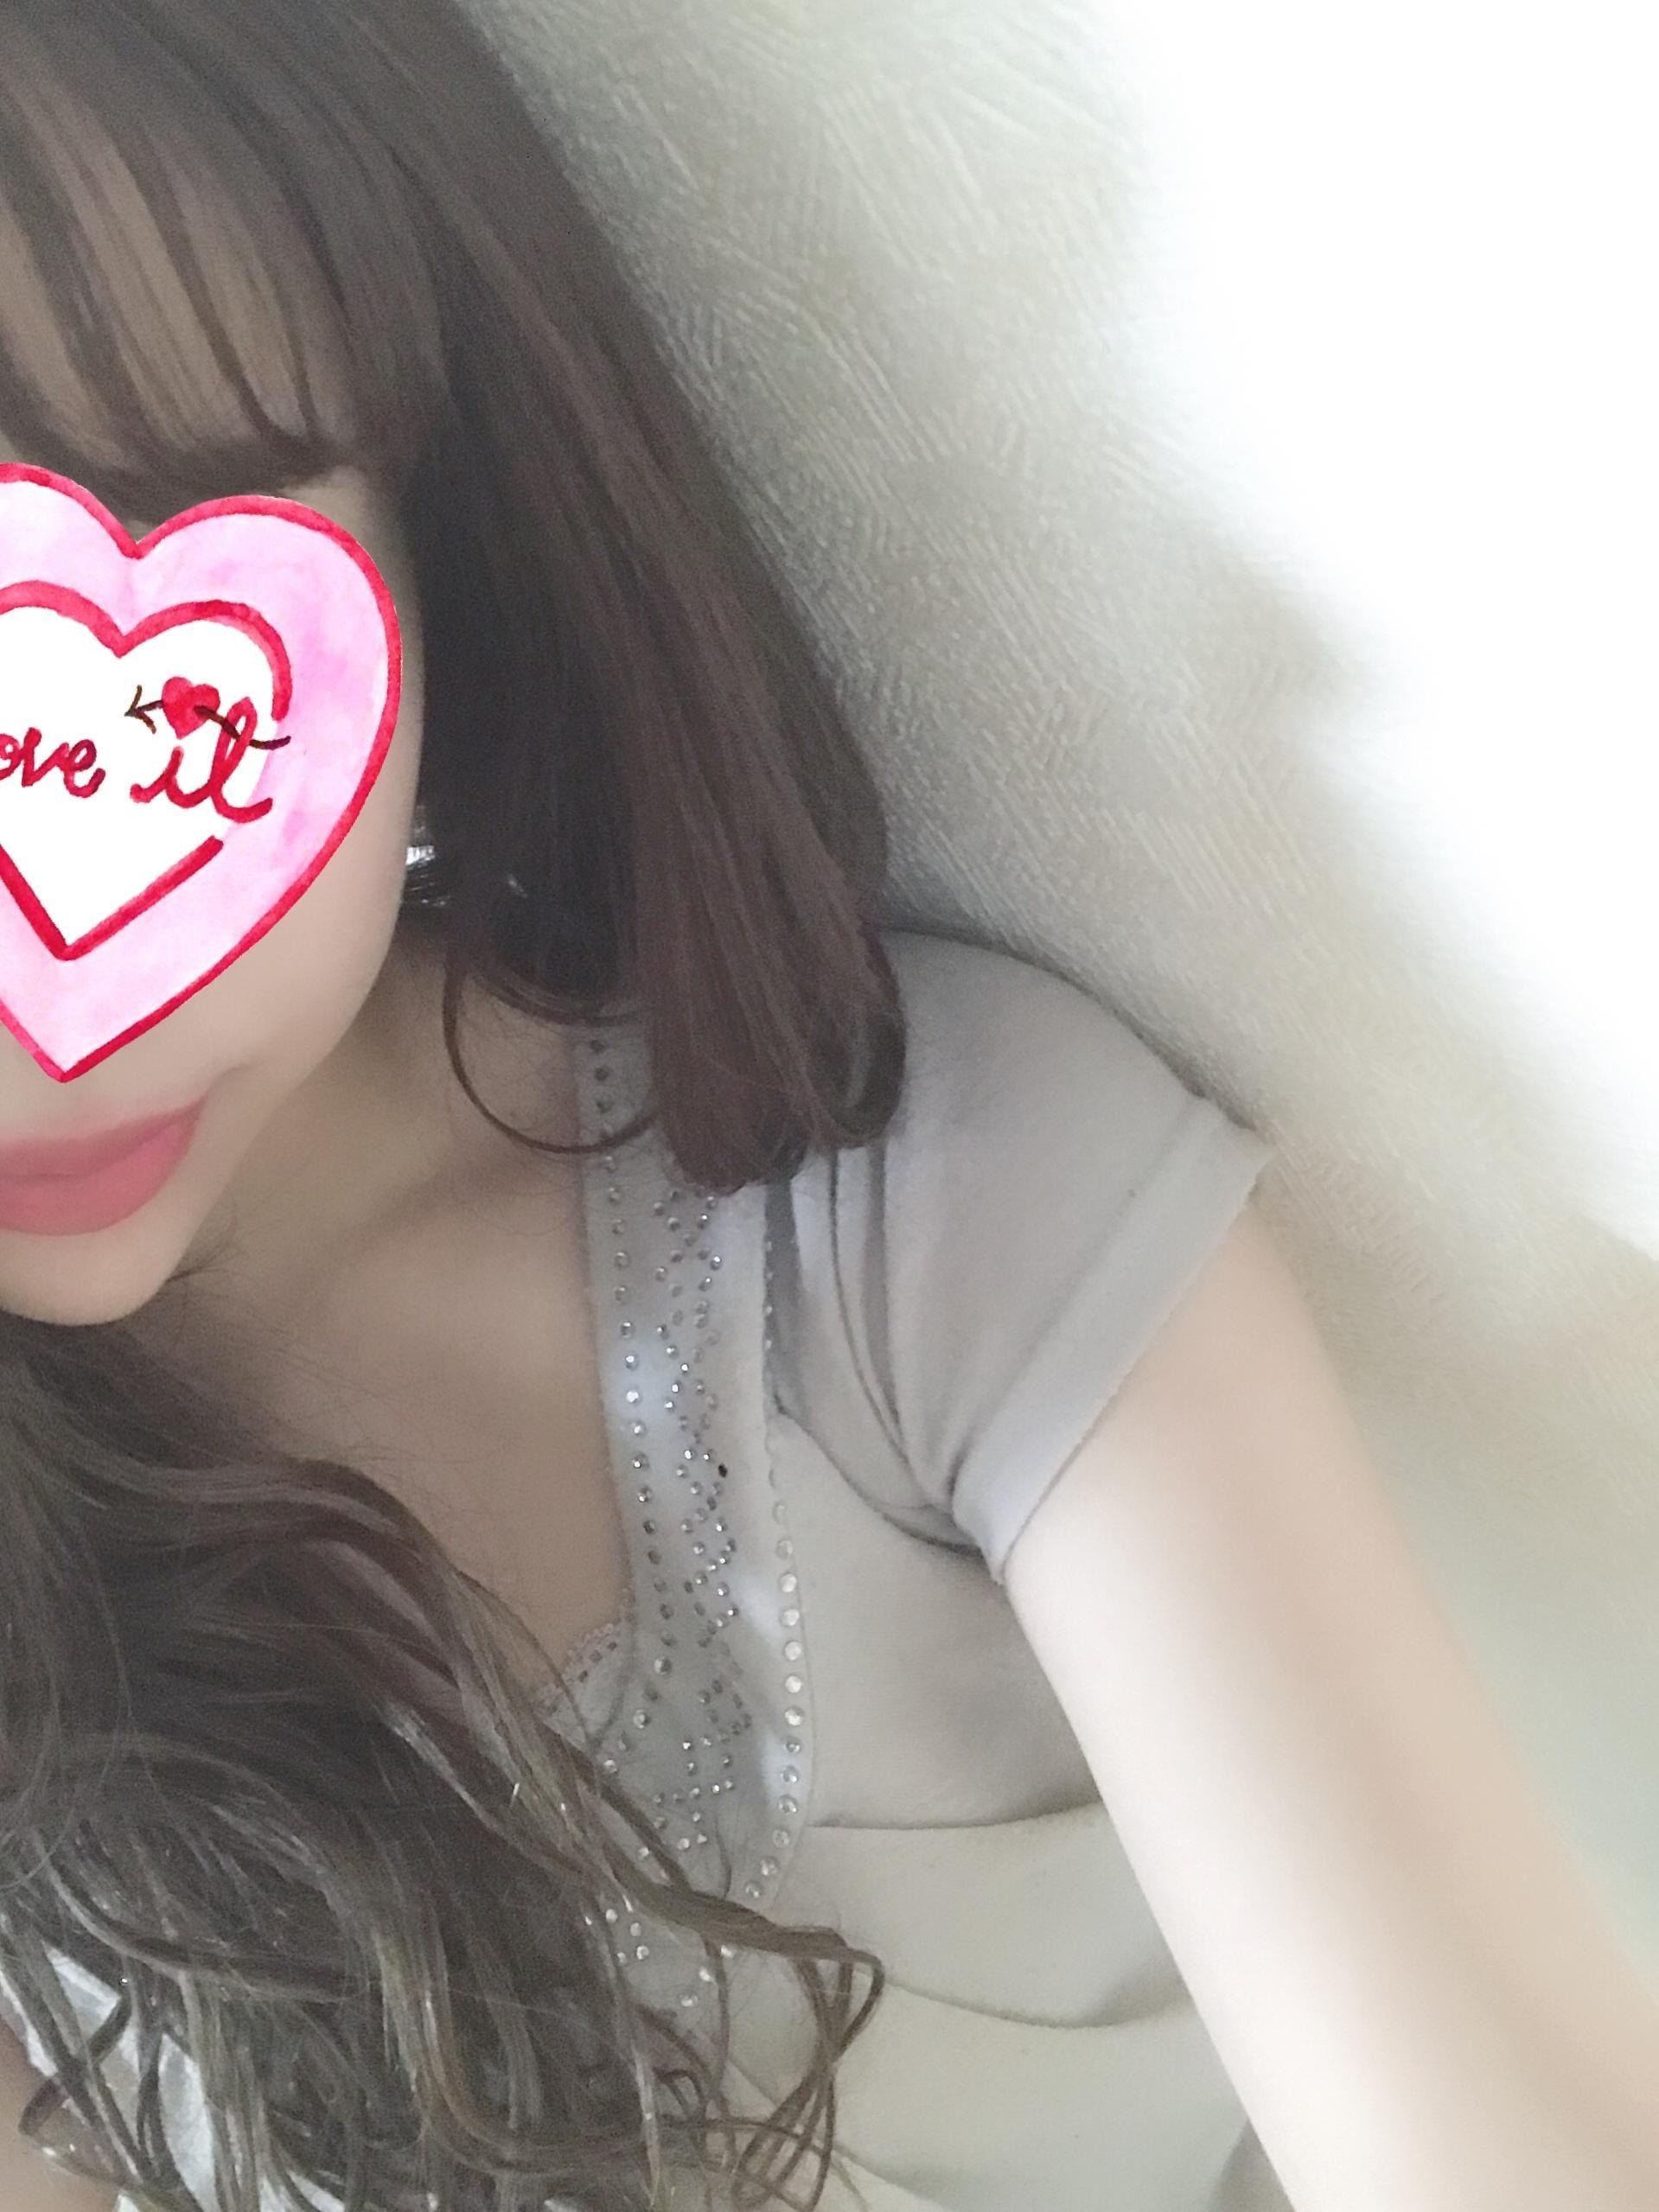 「出勤⸝⸝⸝⸝♡」12/19(水) 19:40 | 藤崎 あんりの写メ・風俗動画